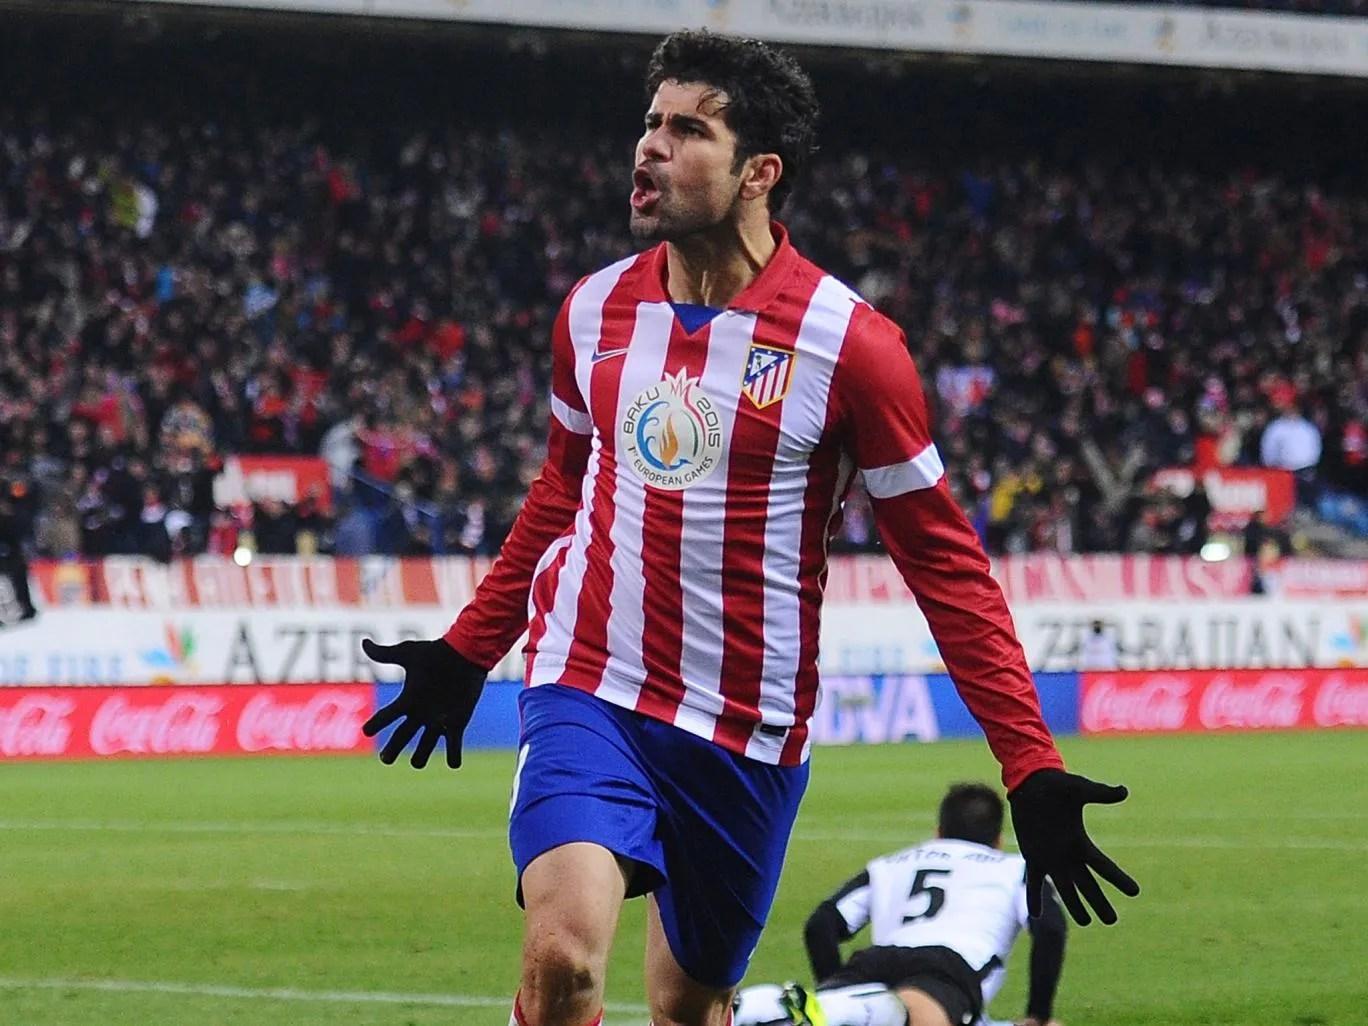 Diego Costa con l'Atletico Madrid nella Stagione 2012/13. Foto: Getty Images